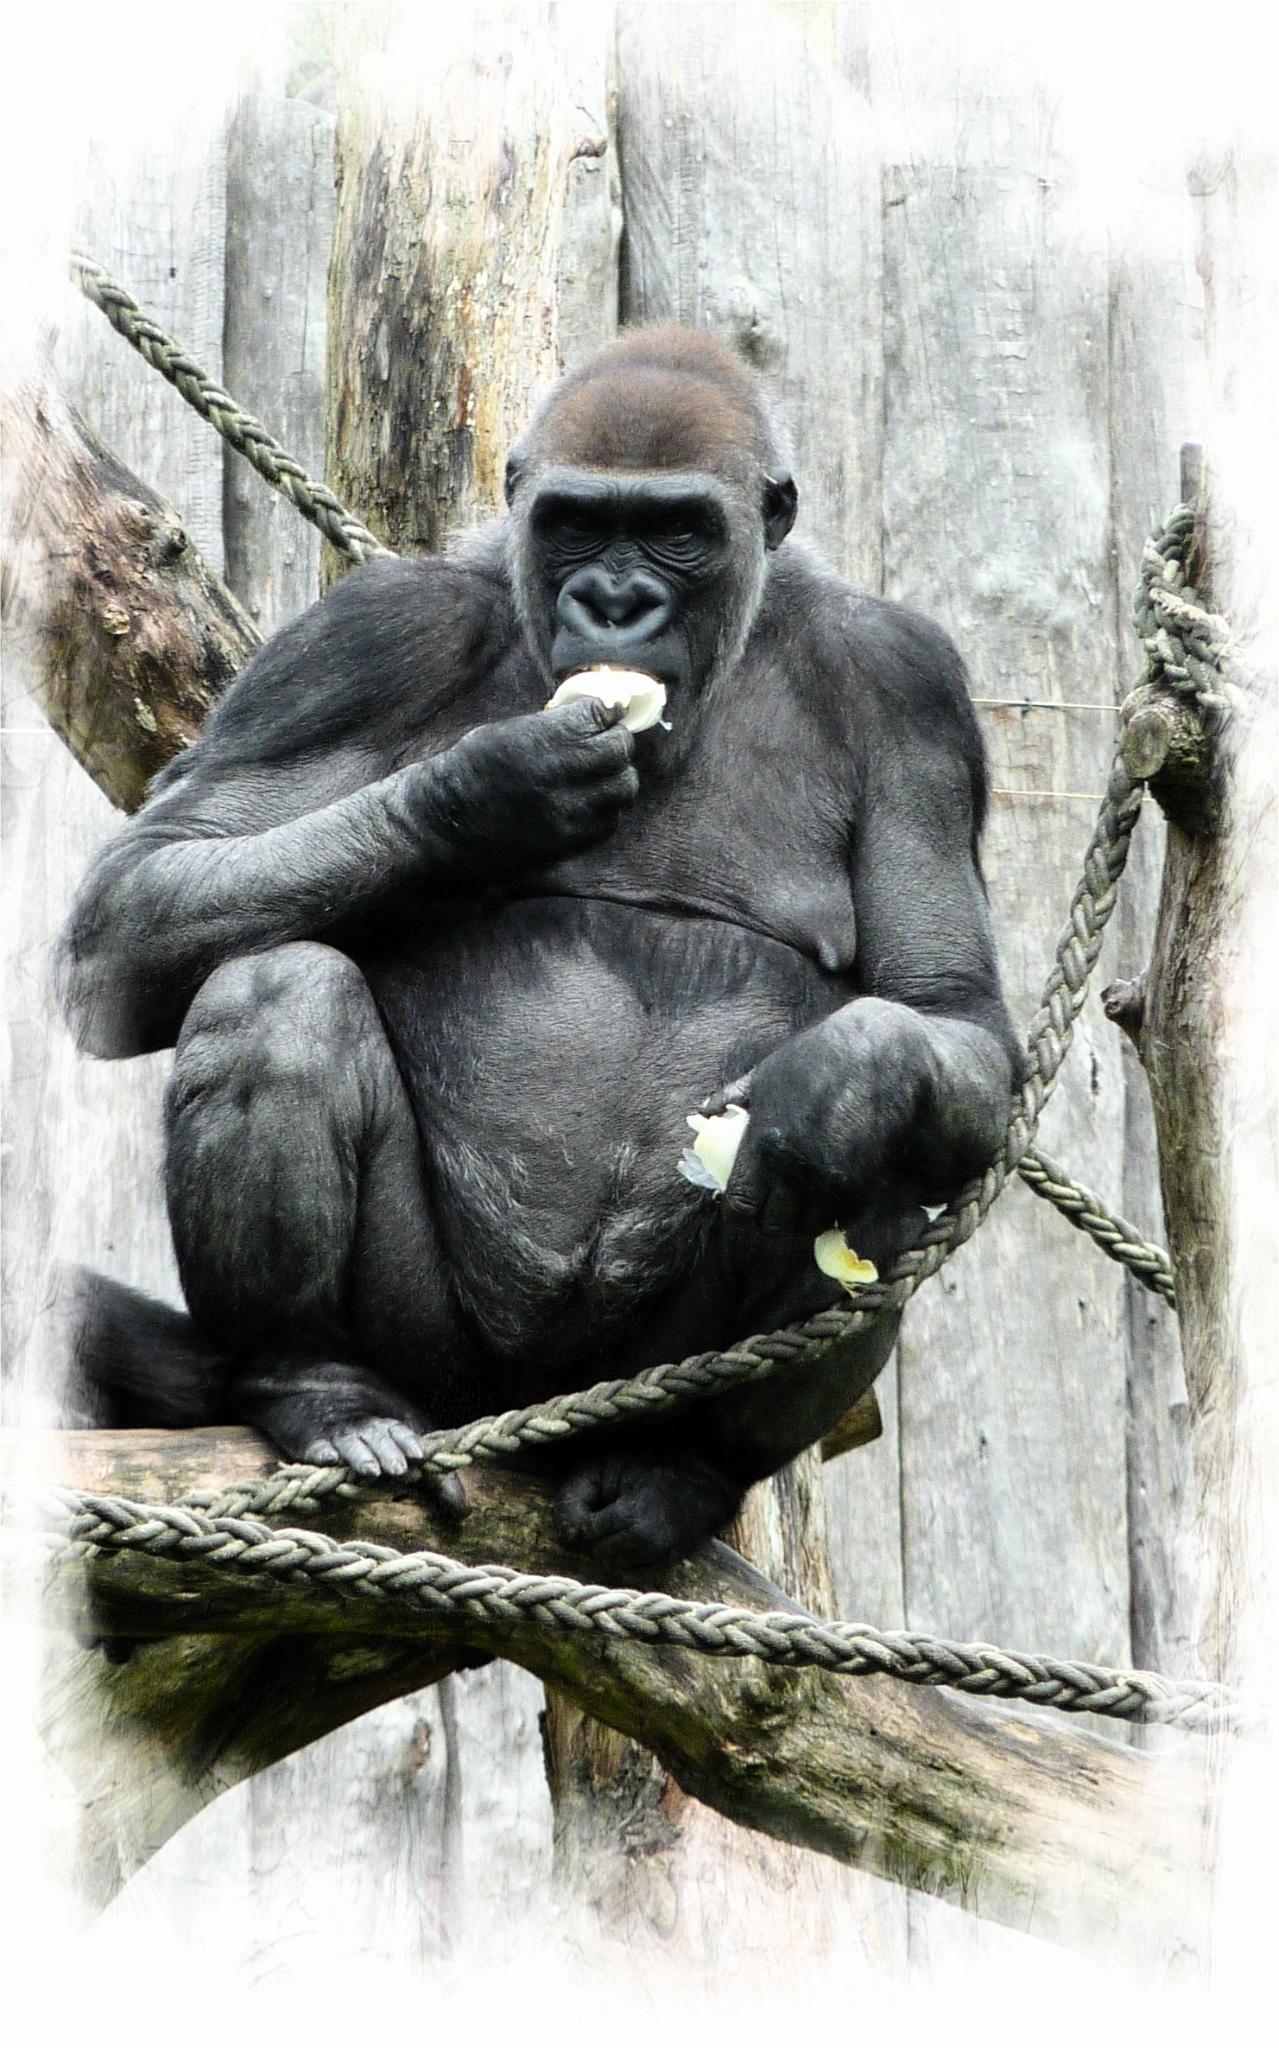 smakelijk !  - - - foto door onne1954 op 18-04-2021 - deze foto bevat: dieren, aap, gorilla, dierentuin, appel, eten, voedsel, primaat, tempel, organisme, gebaar, terrestrische dieren, kunst, rimpel, snuit, gemeenschappelijke chimpansee, illustratie